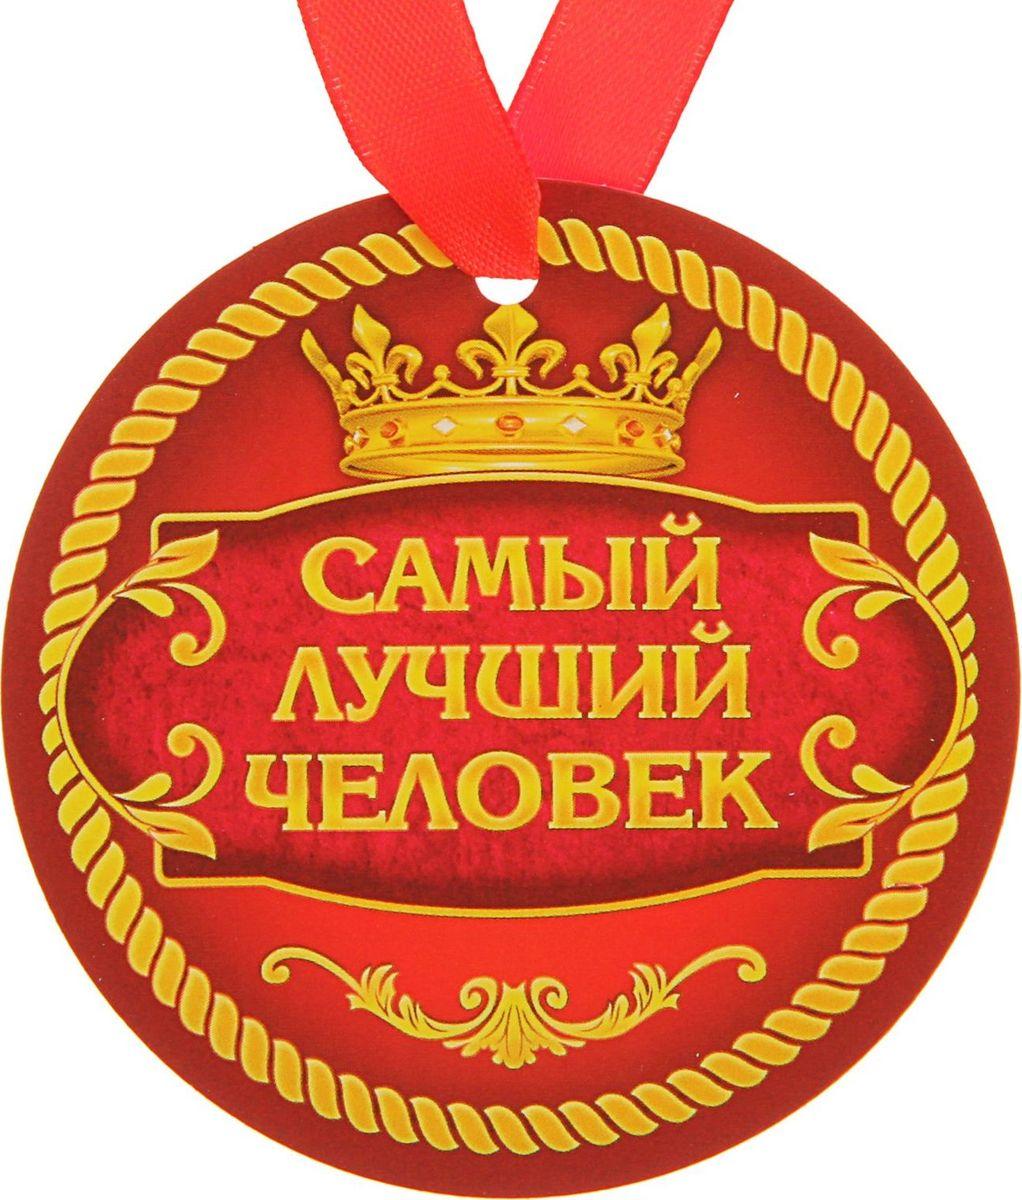 Медаль сувенирная Самый лучший человек, диаметр 8 см1617949Невозможно представить нашу жизнь без праздников! Мы всегда ждём их и предвкушаем, обдумываем, как проведём памятный день, тщательно выбираем подарки и аксессуары, ведь именно они создают и поддерживают торжественный настрой. Это отличный выбор, который привнесёт атмосферу праздника в ваш дом!